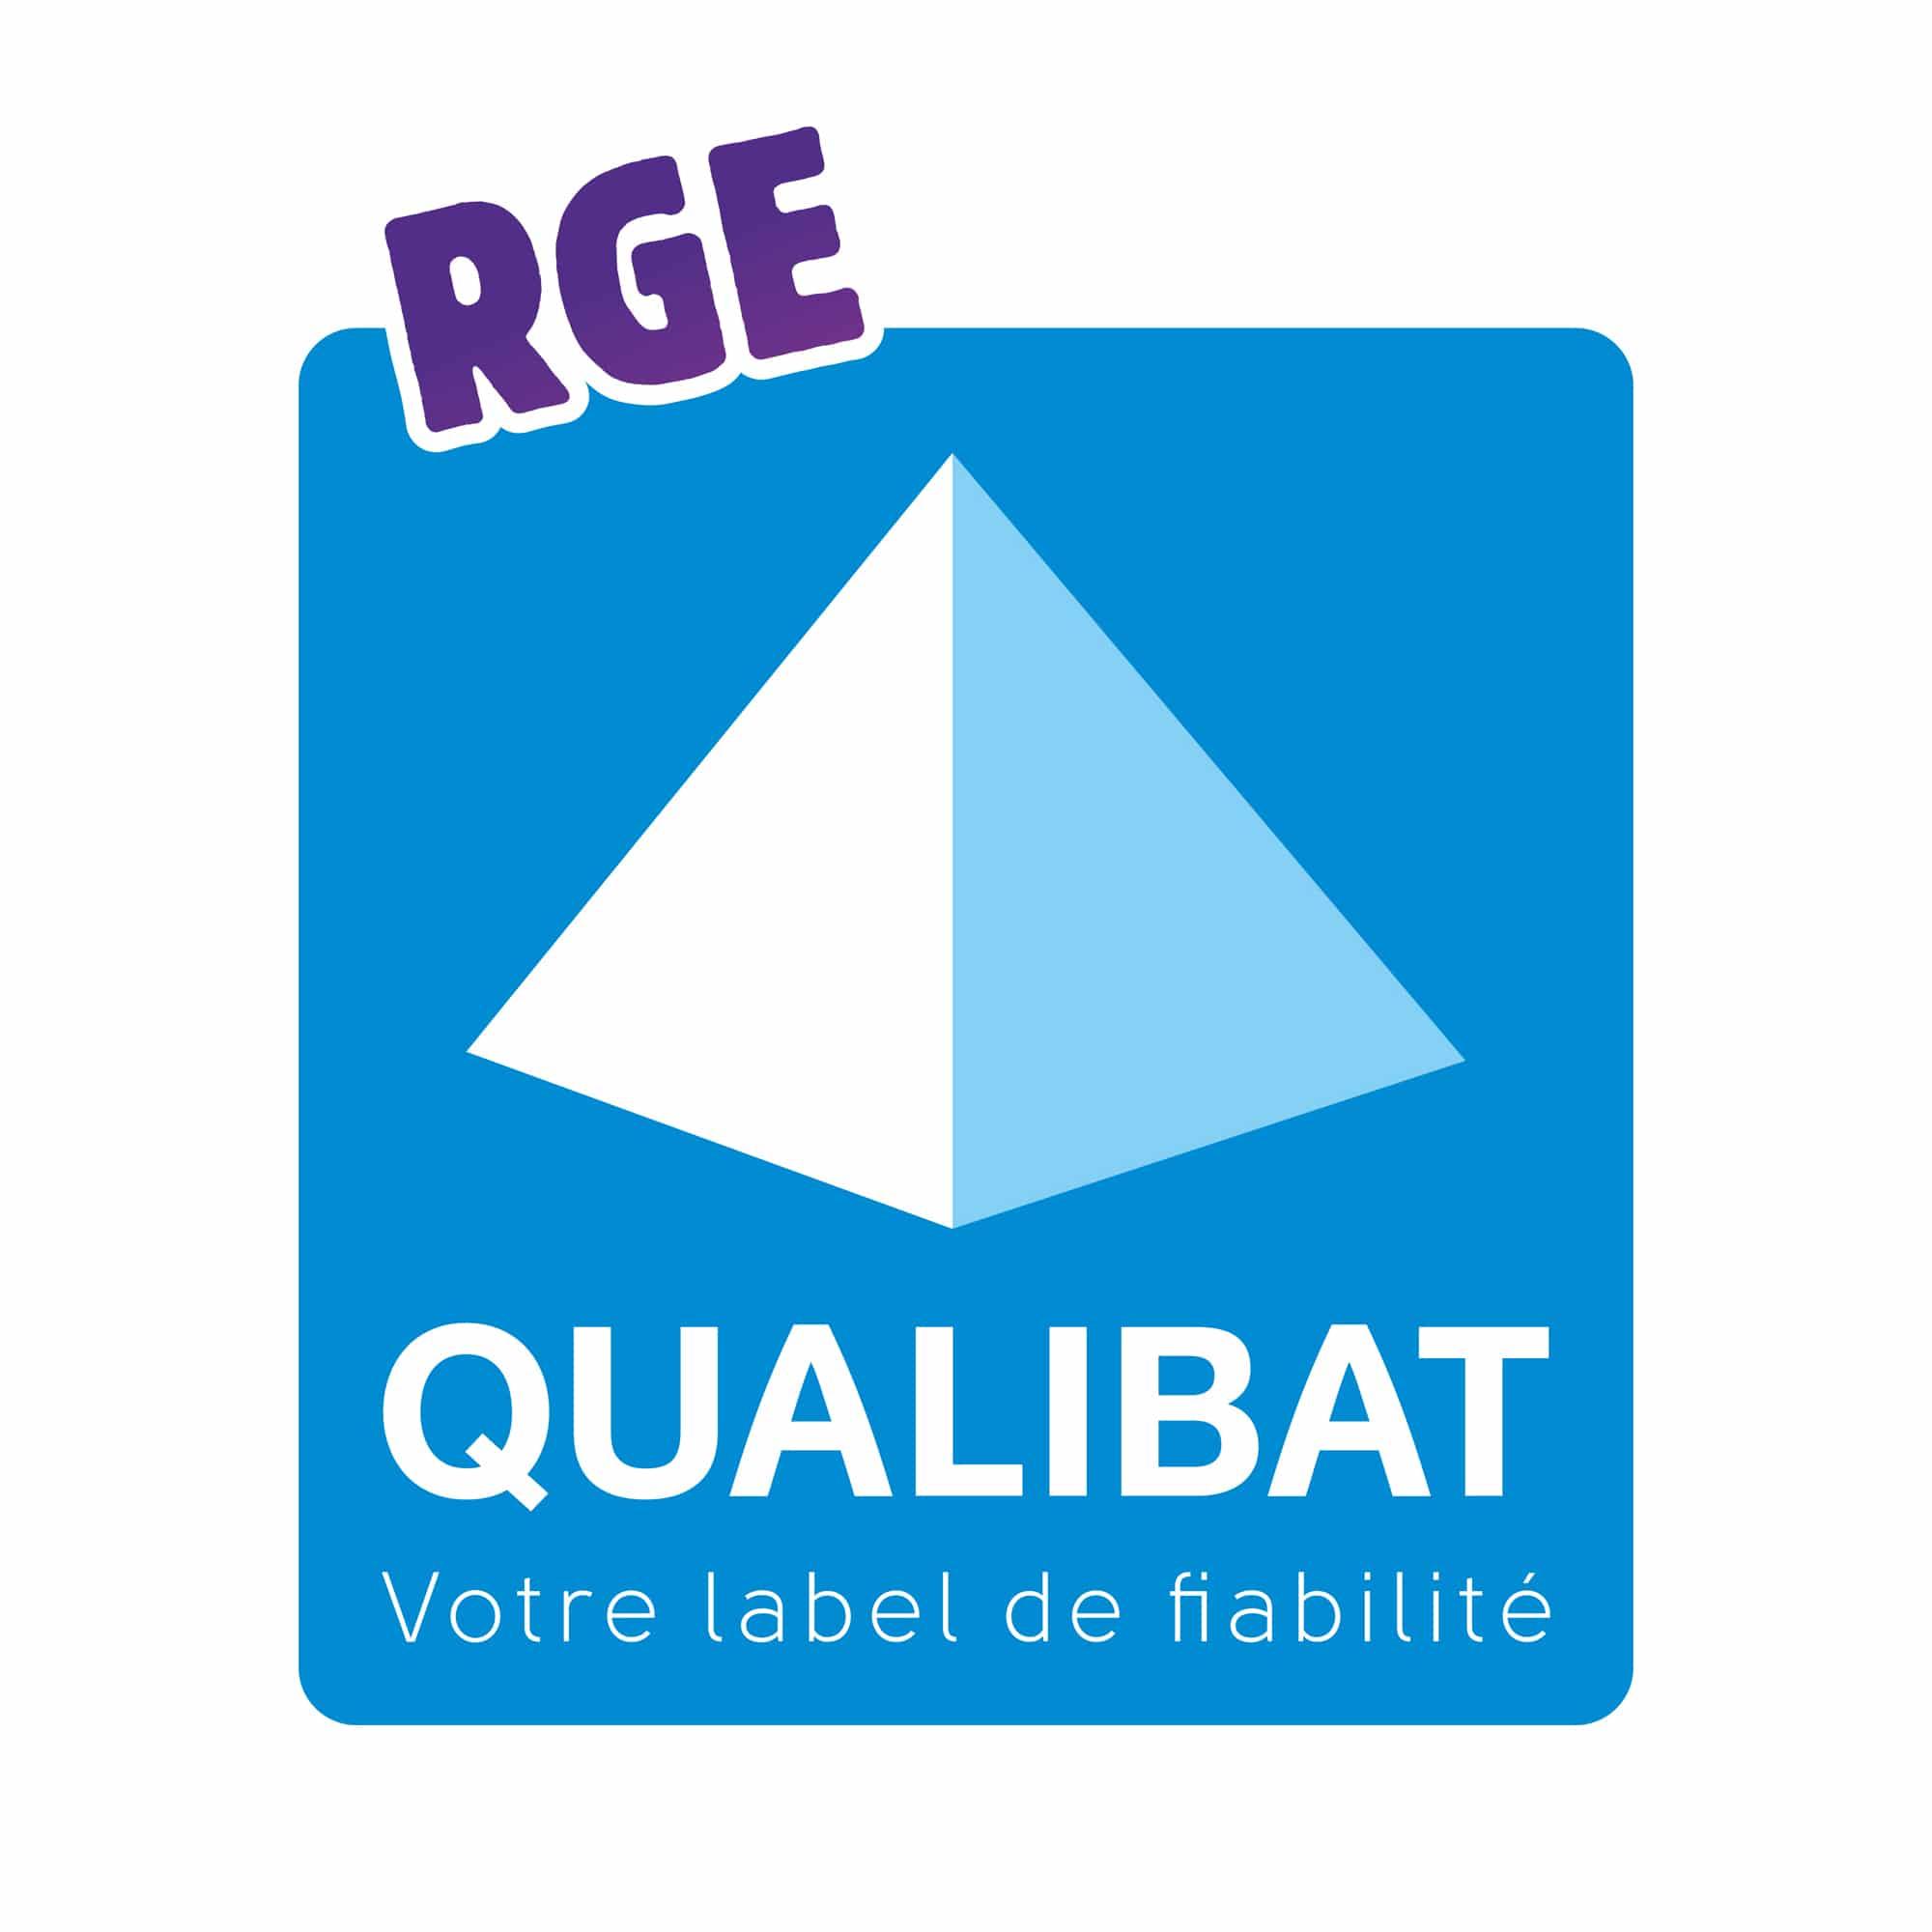 GST Rénovation - Certification QUALIBAT RGE